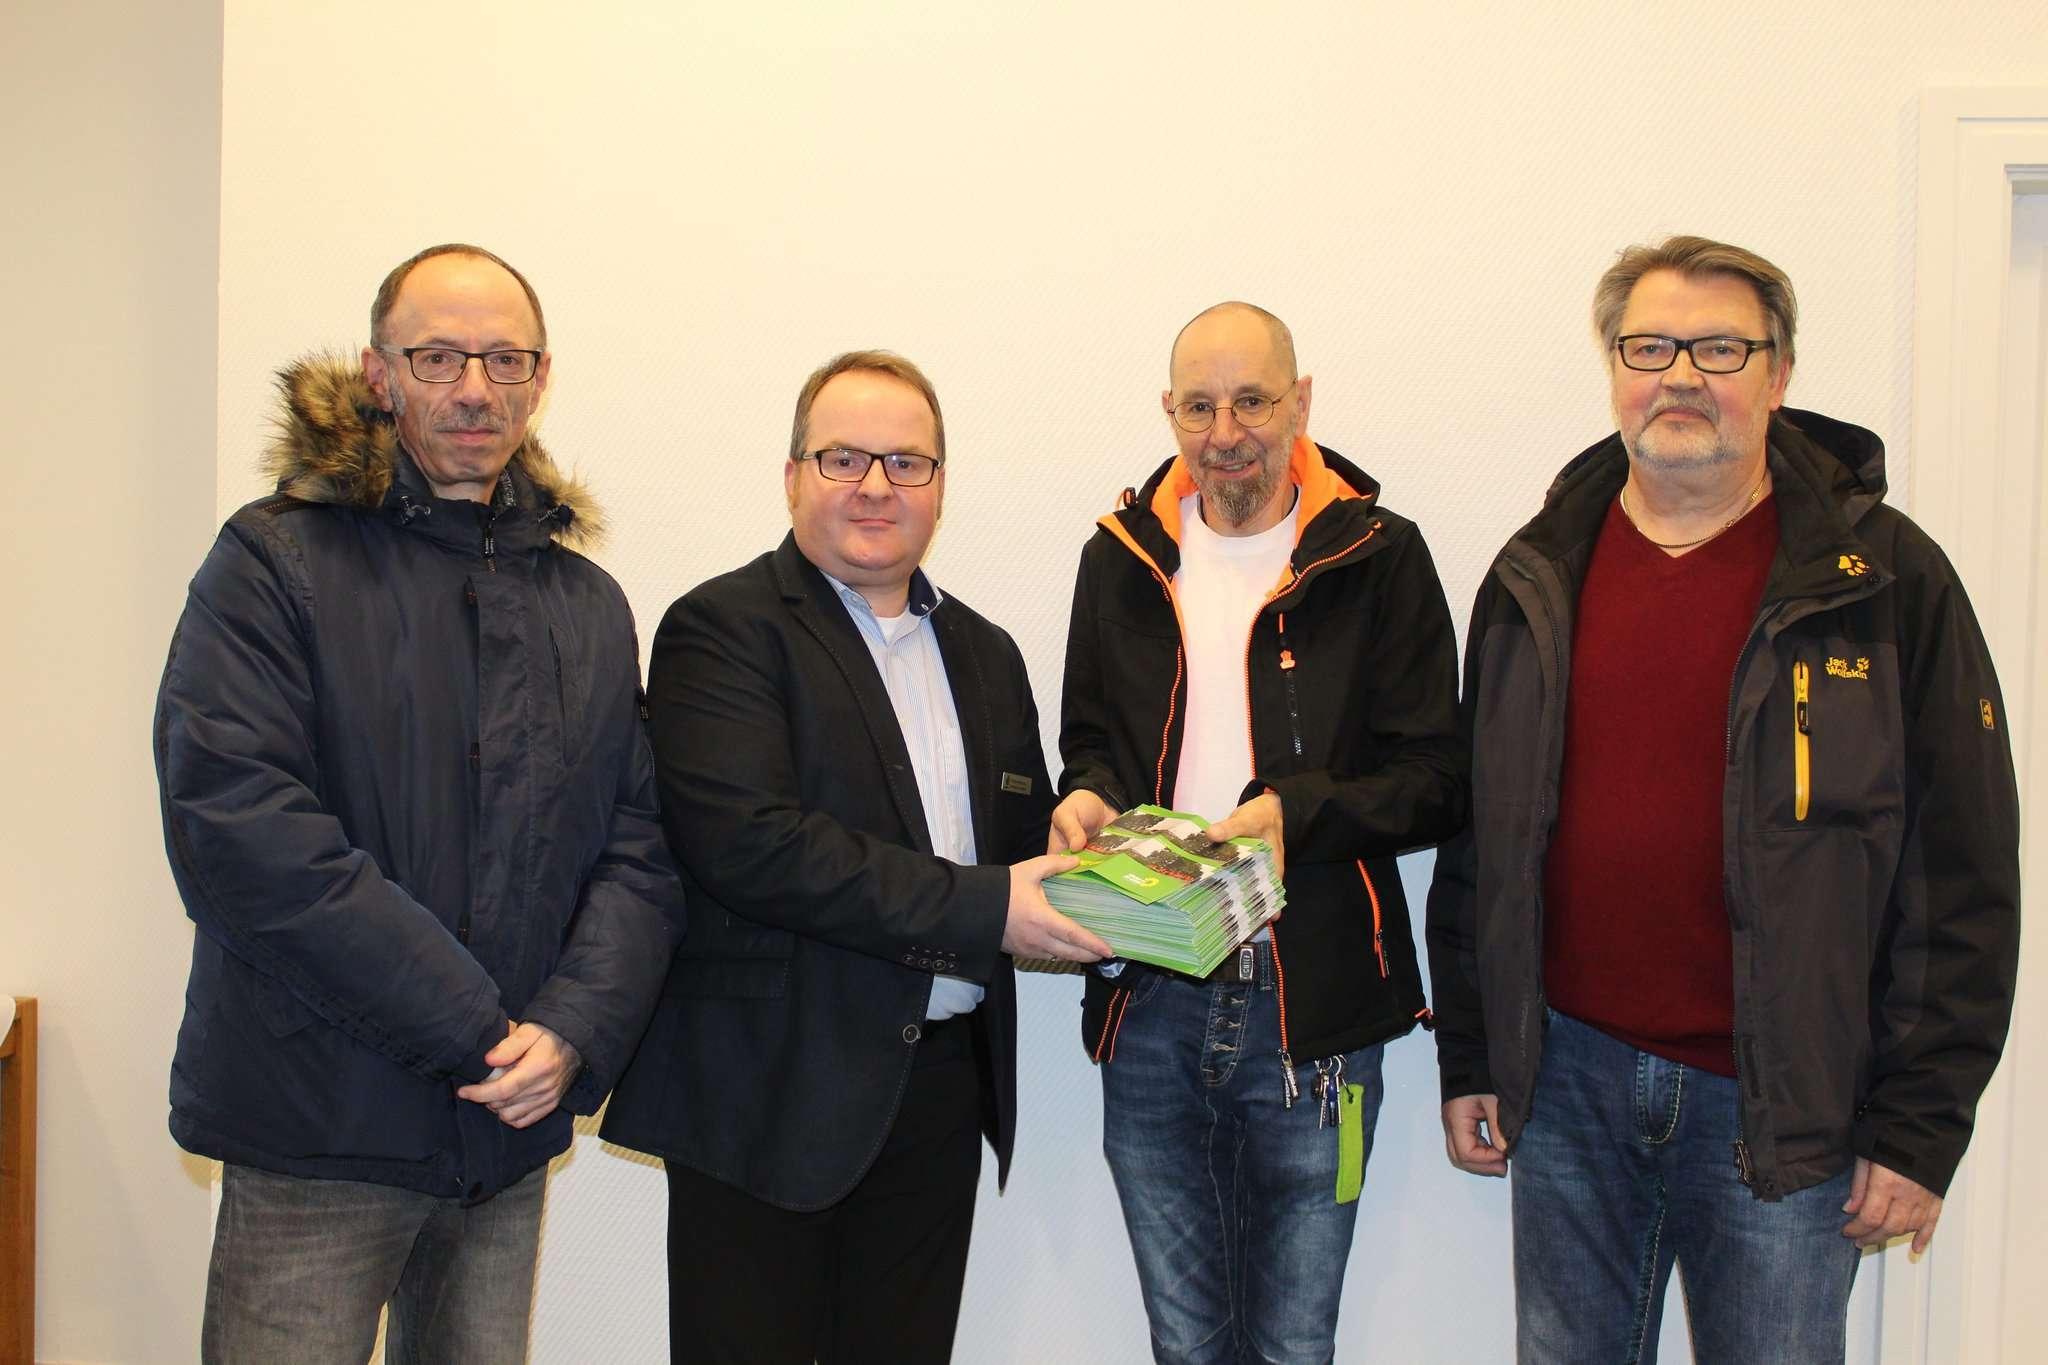 Klaus Lempert (links), Arthur Lempert (Zweiter von rechts) und Horst Knobel (rechts) übergeben die Rückläufer an Verwaltungsmitarbeiter Stefan Behrens. Foto: Ann-Christin Beims